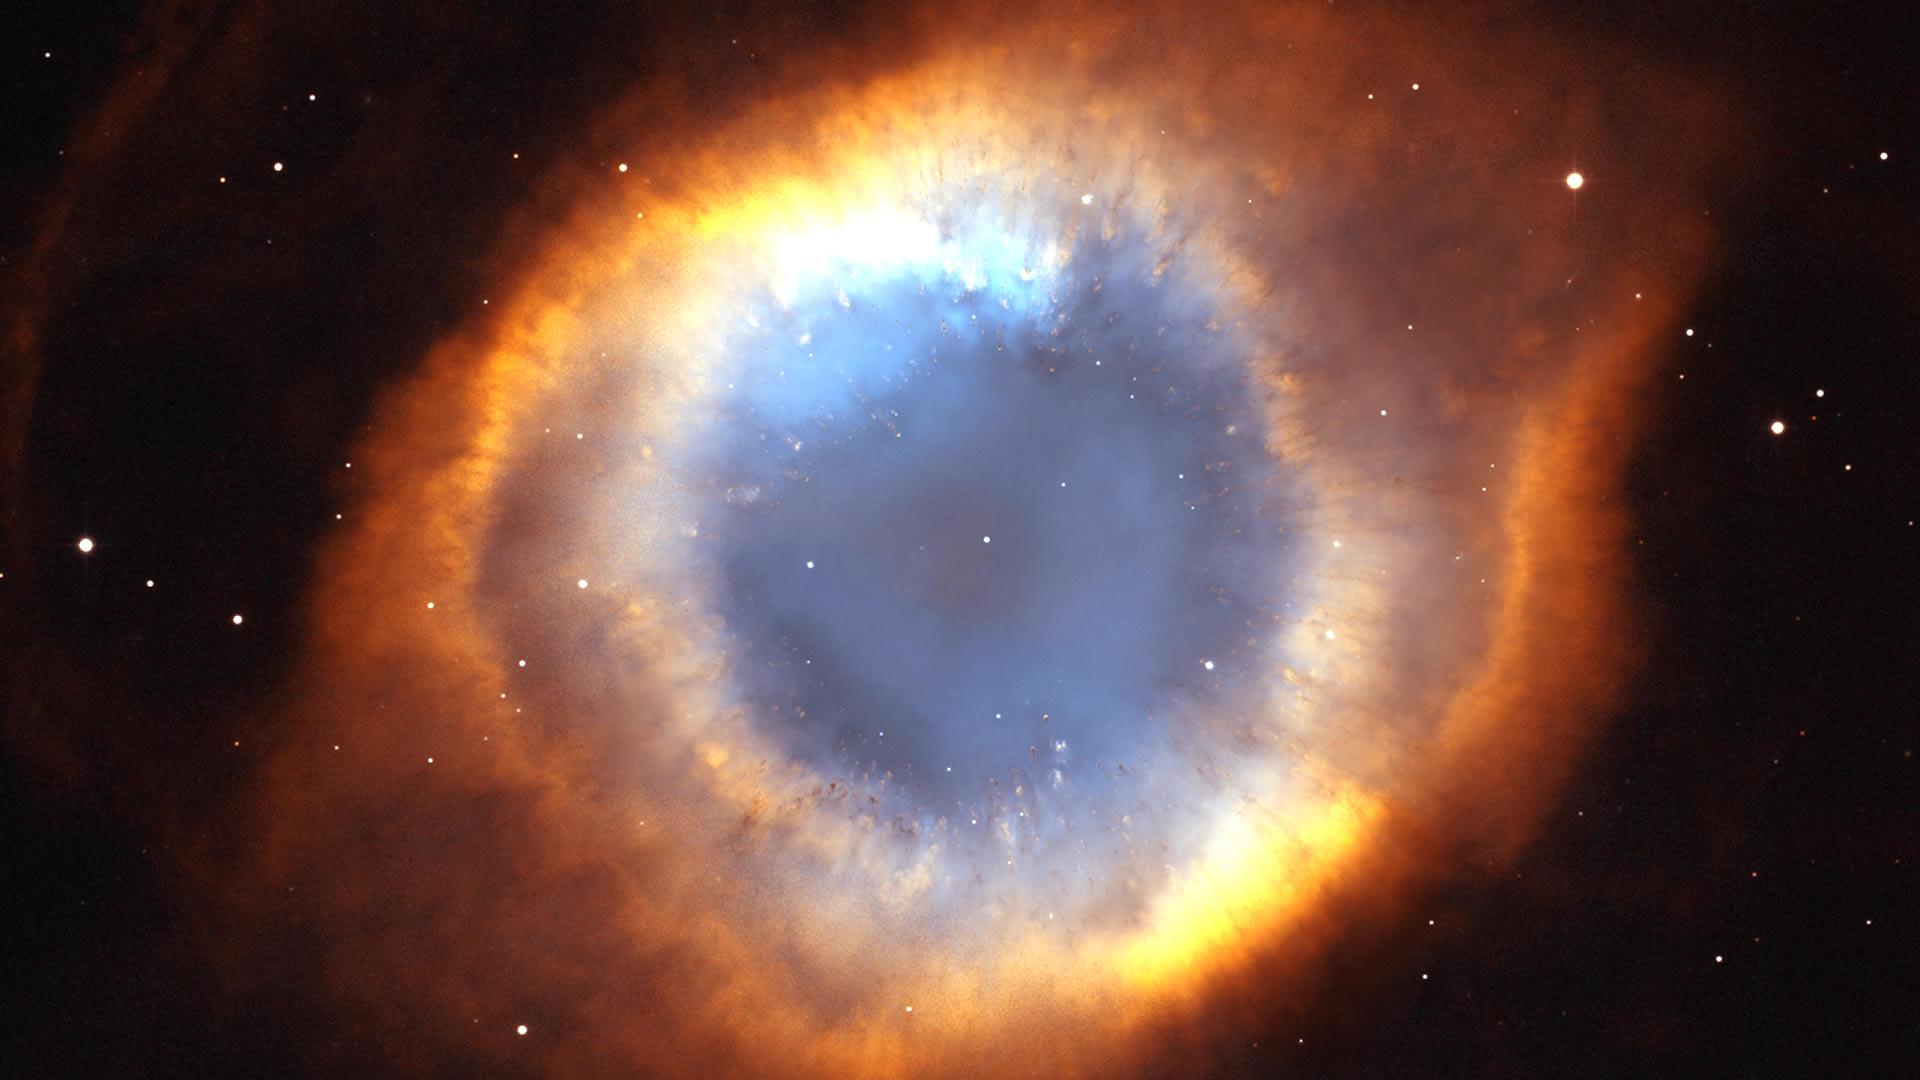 ¿Es consciente el universo? Parece imposible hasta que haces los cálculos